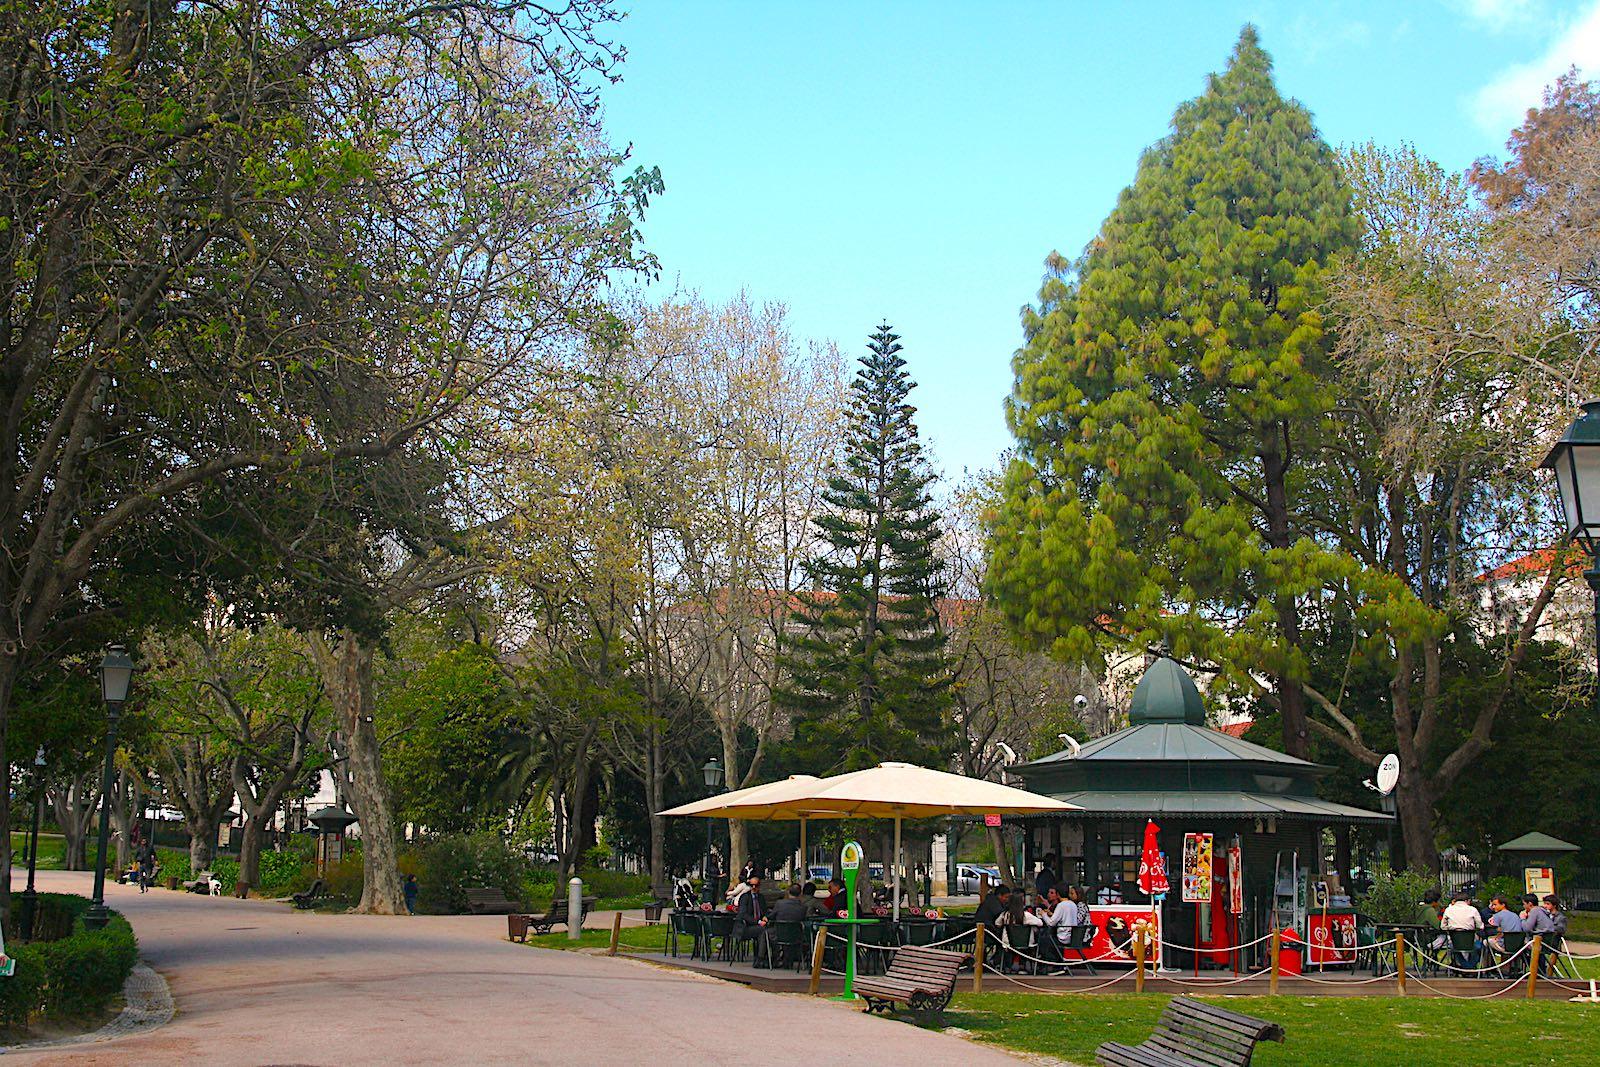 Kiosk in park Jardim da Estrela, Lissabon